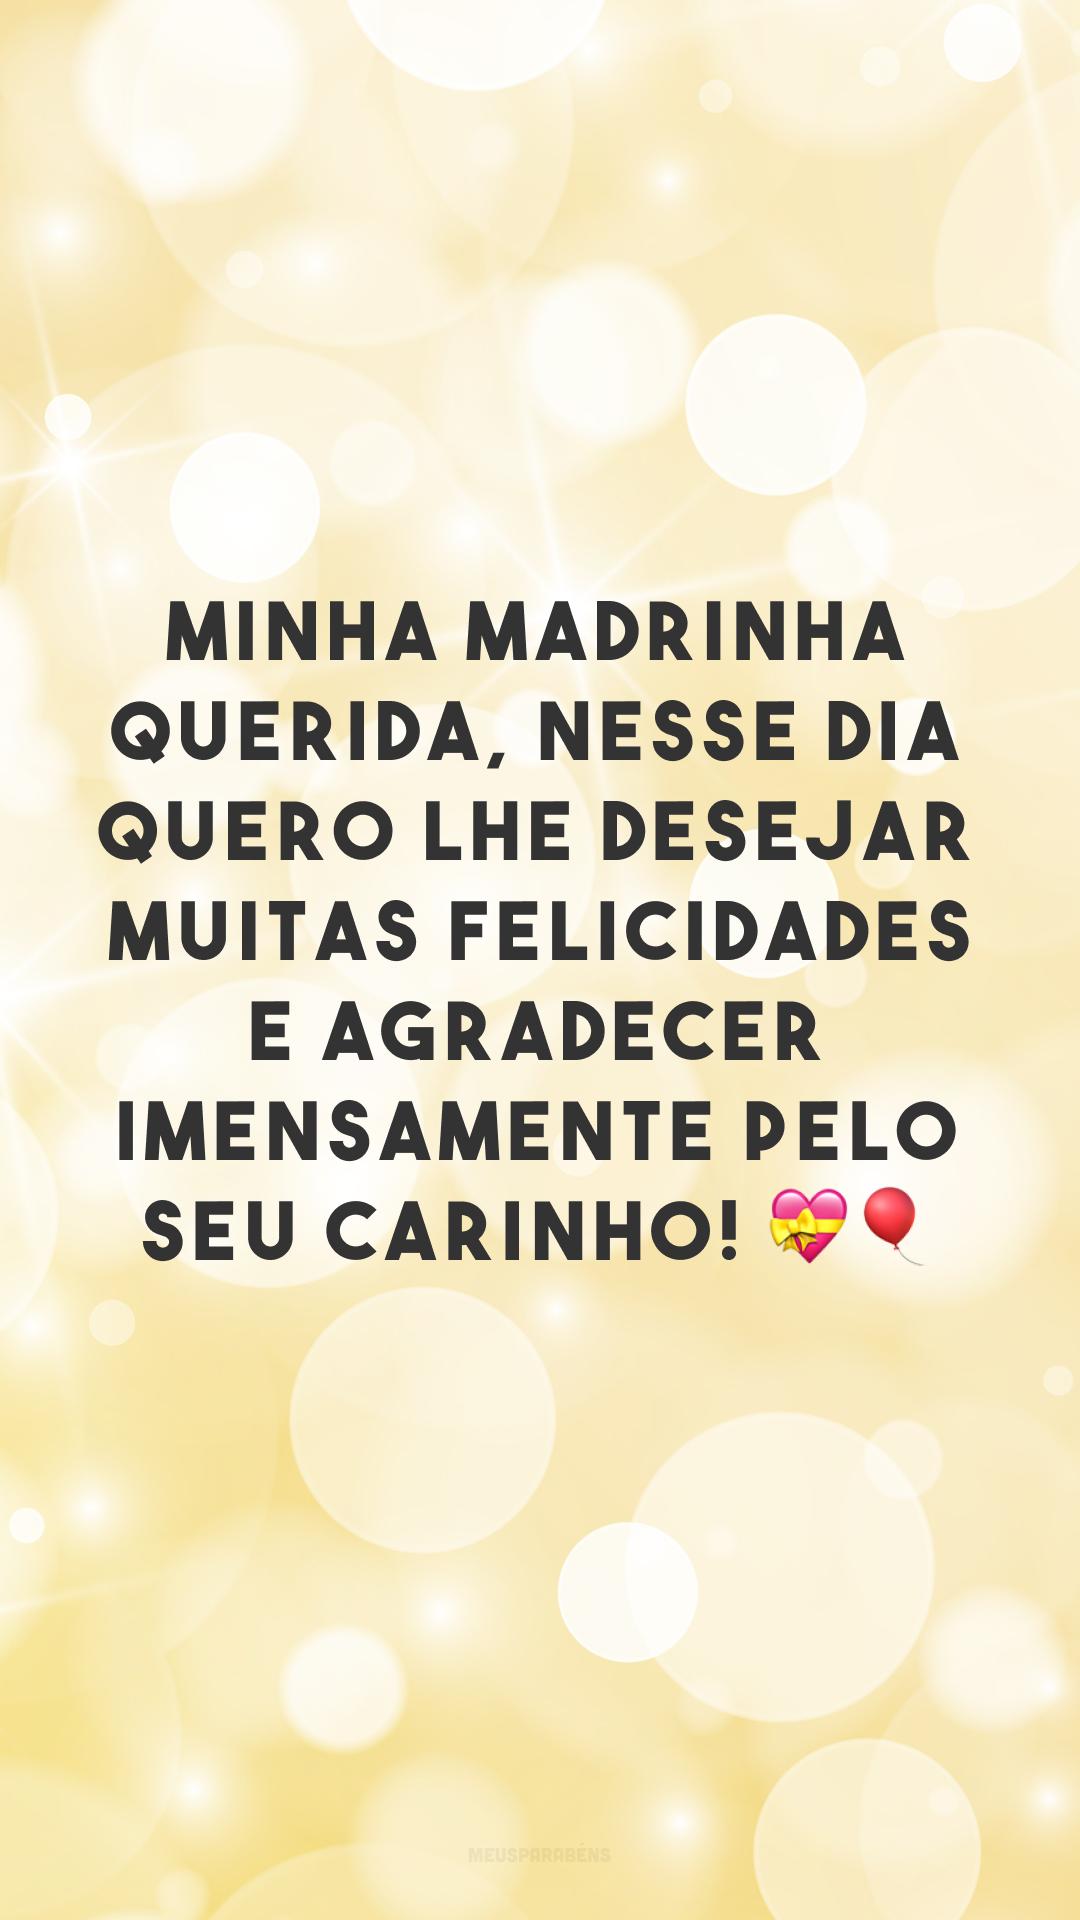 Minha madrinha querida, nesse dia quero lhe desejar muitas felicidades e agradecer imensamente pelo seu carinho! 💝🎈